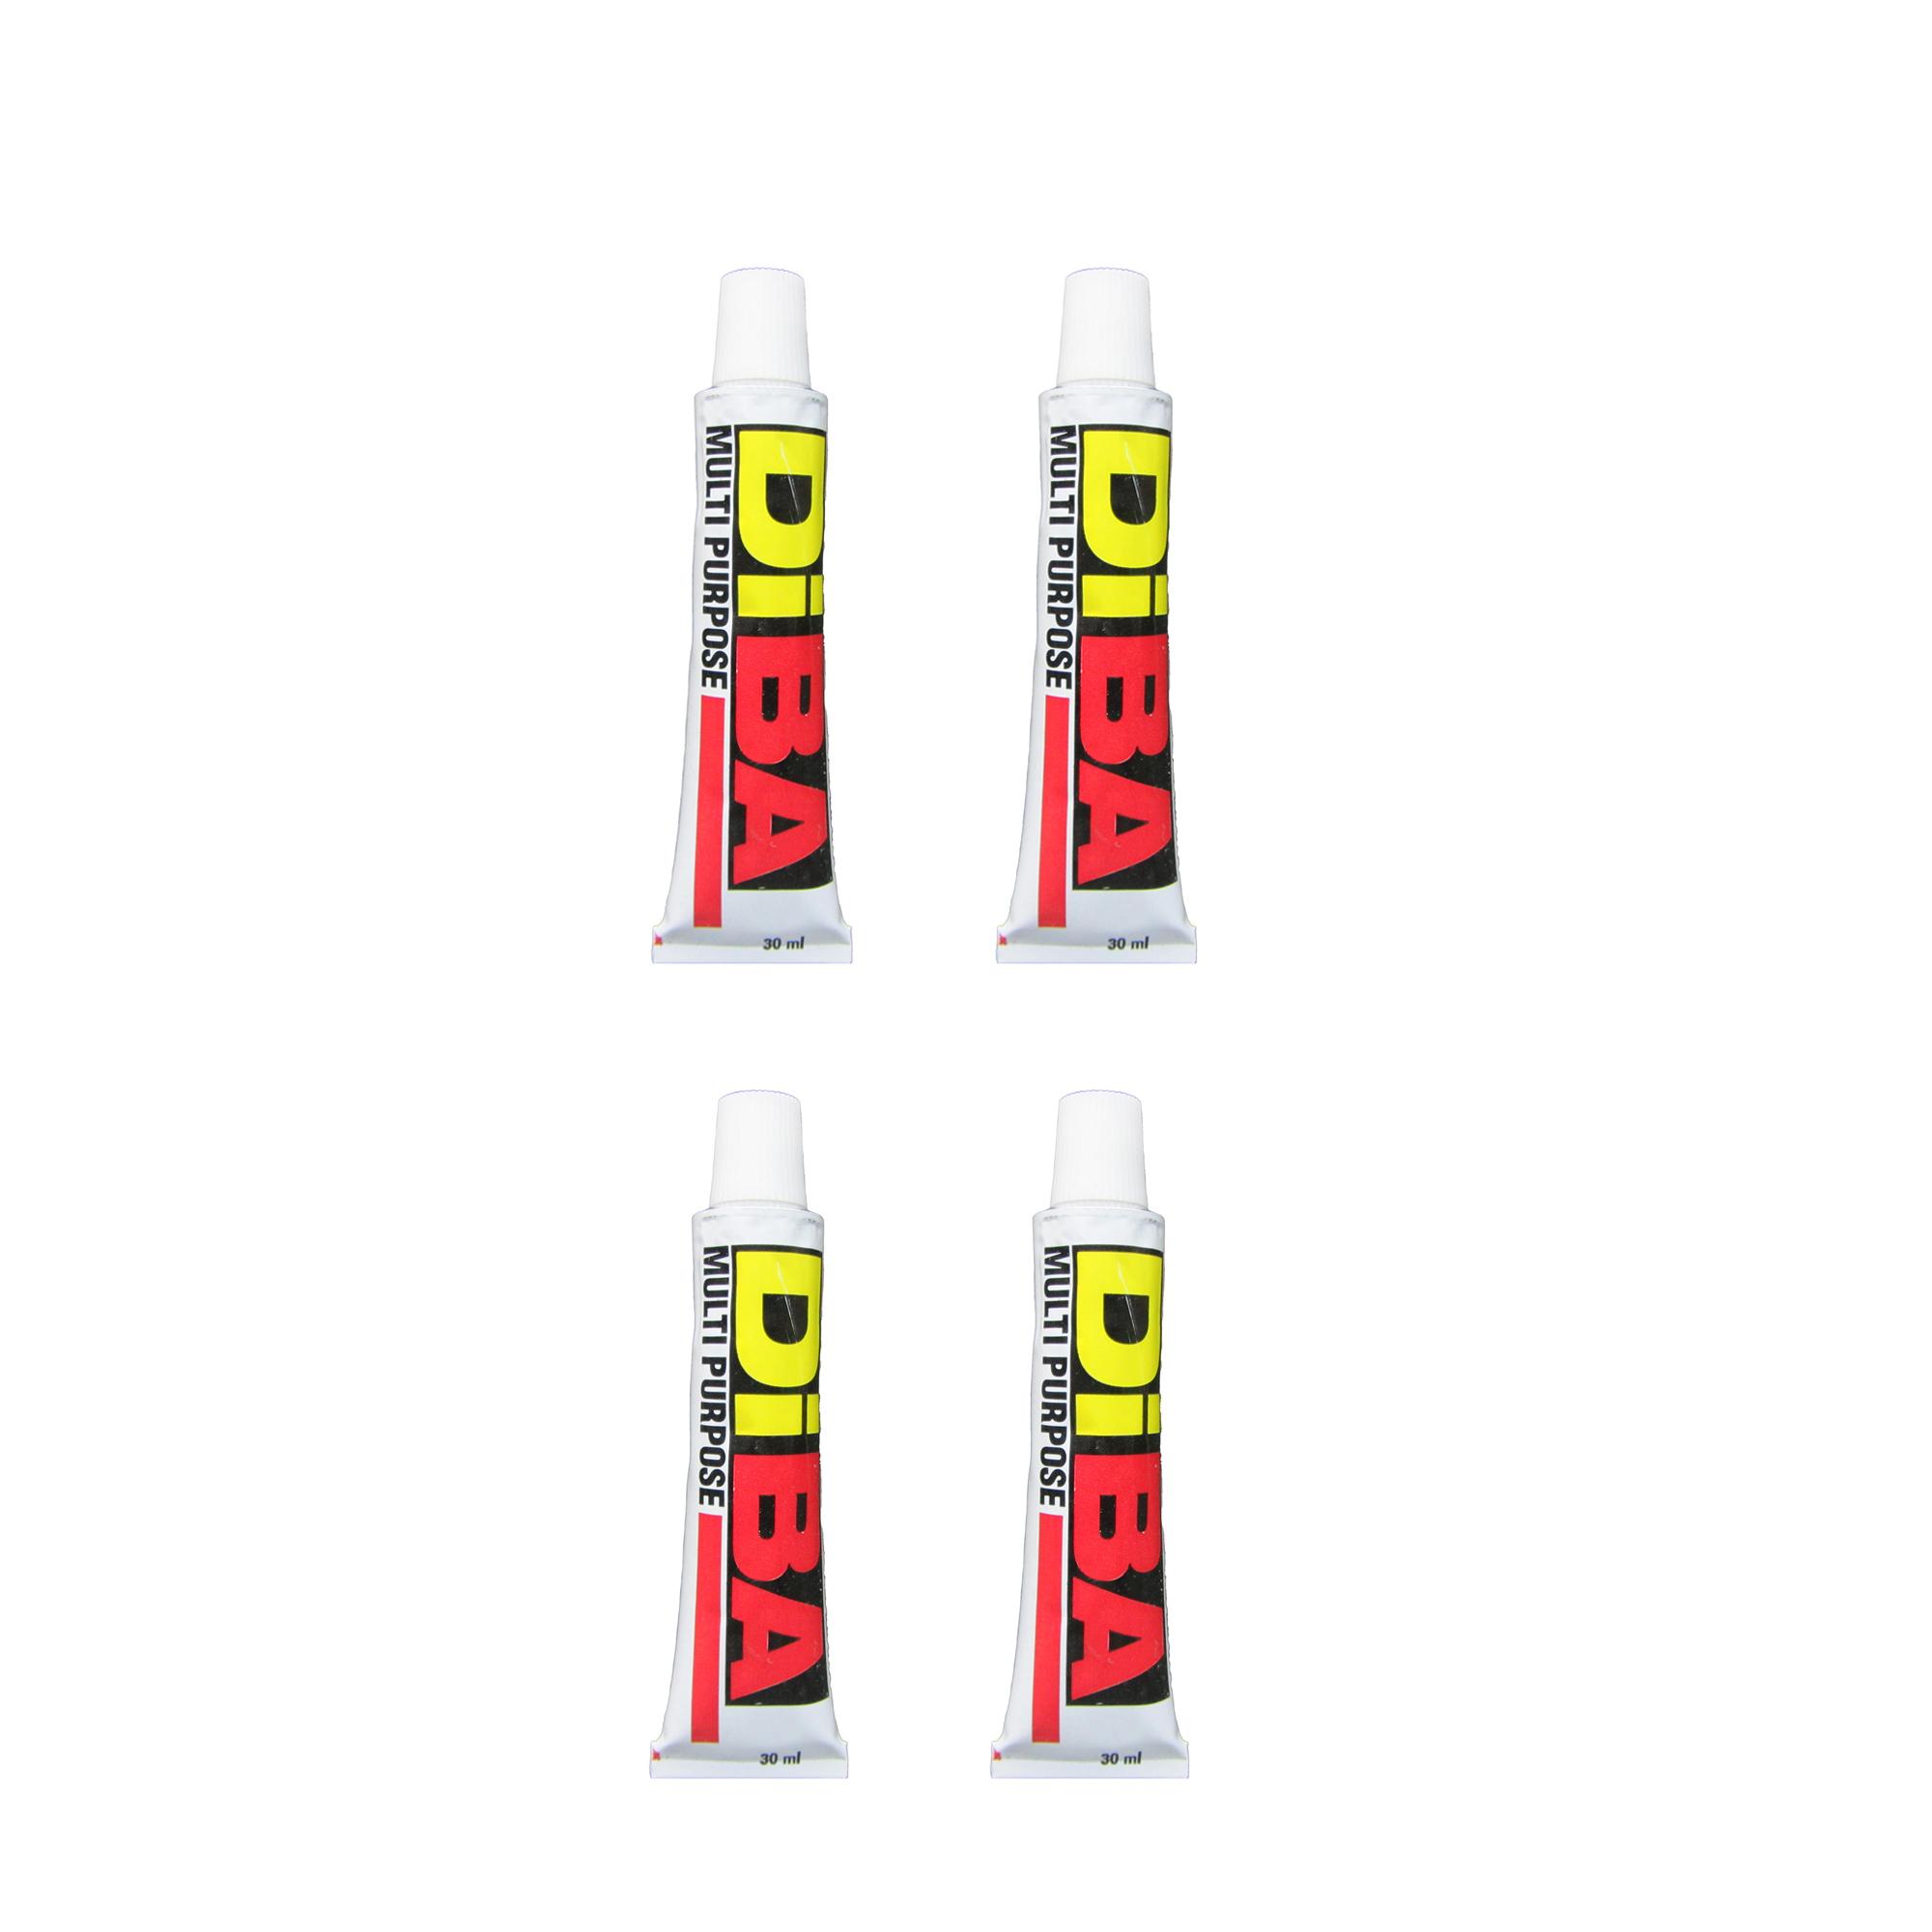 چسب سیلیکون آکواریوم دیبا کد ۰۱ حجم ۳۰ میلی لیتر بسته ۴ عددی